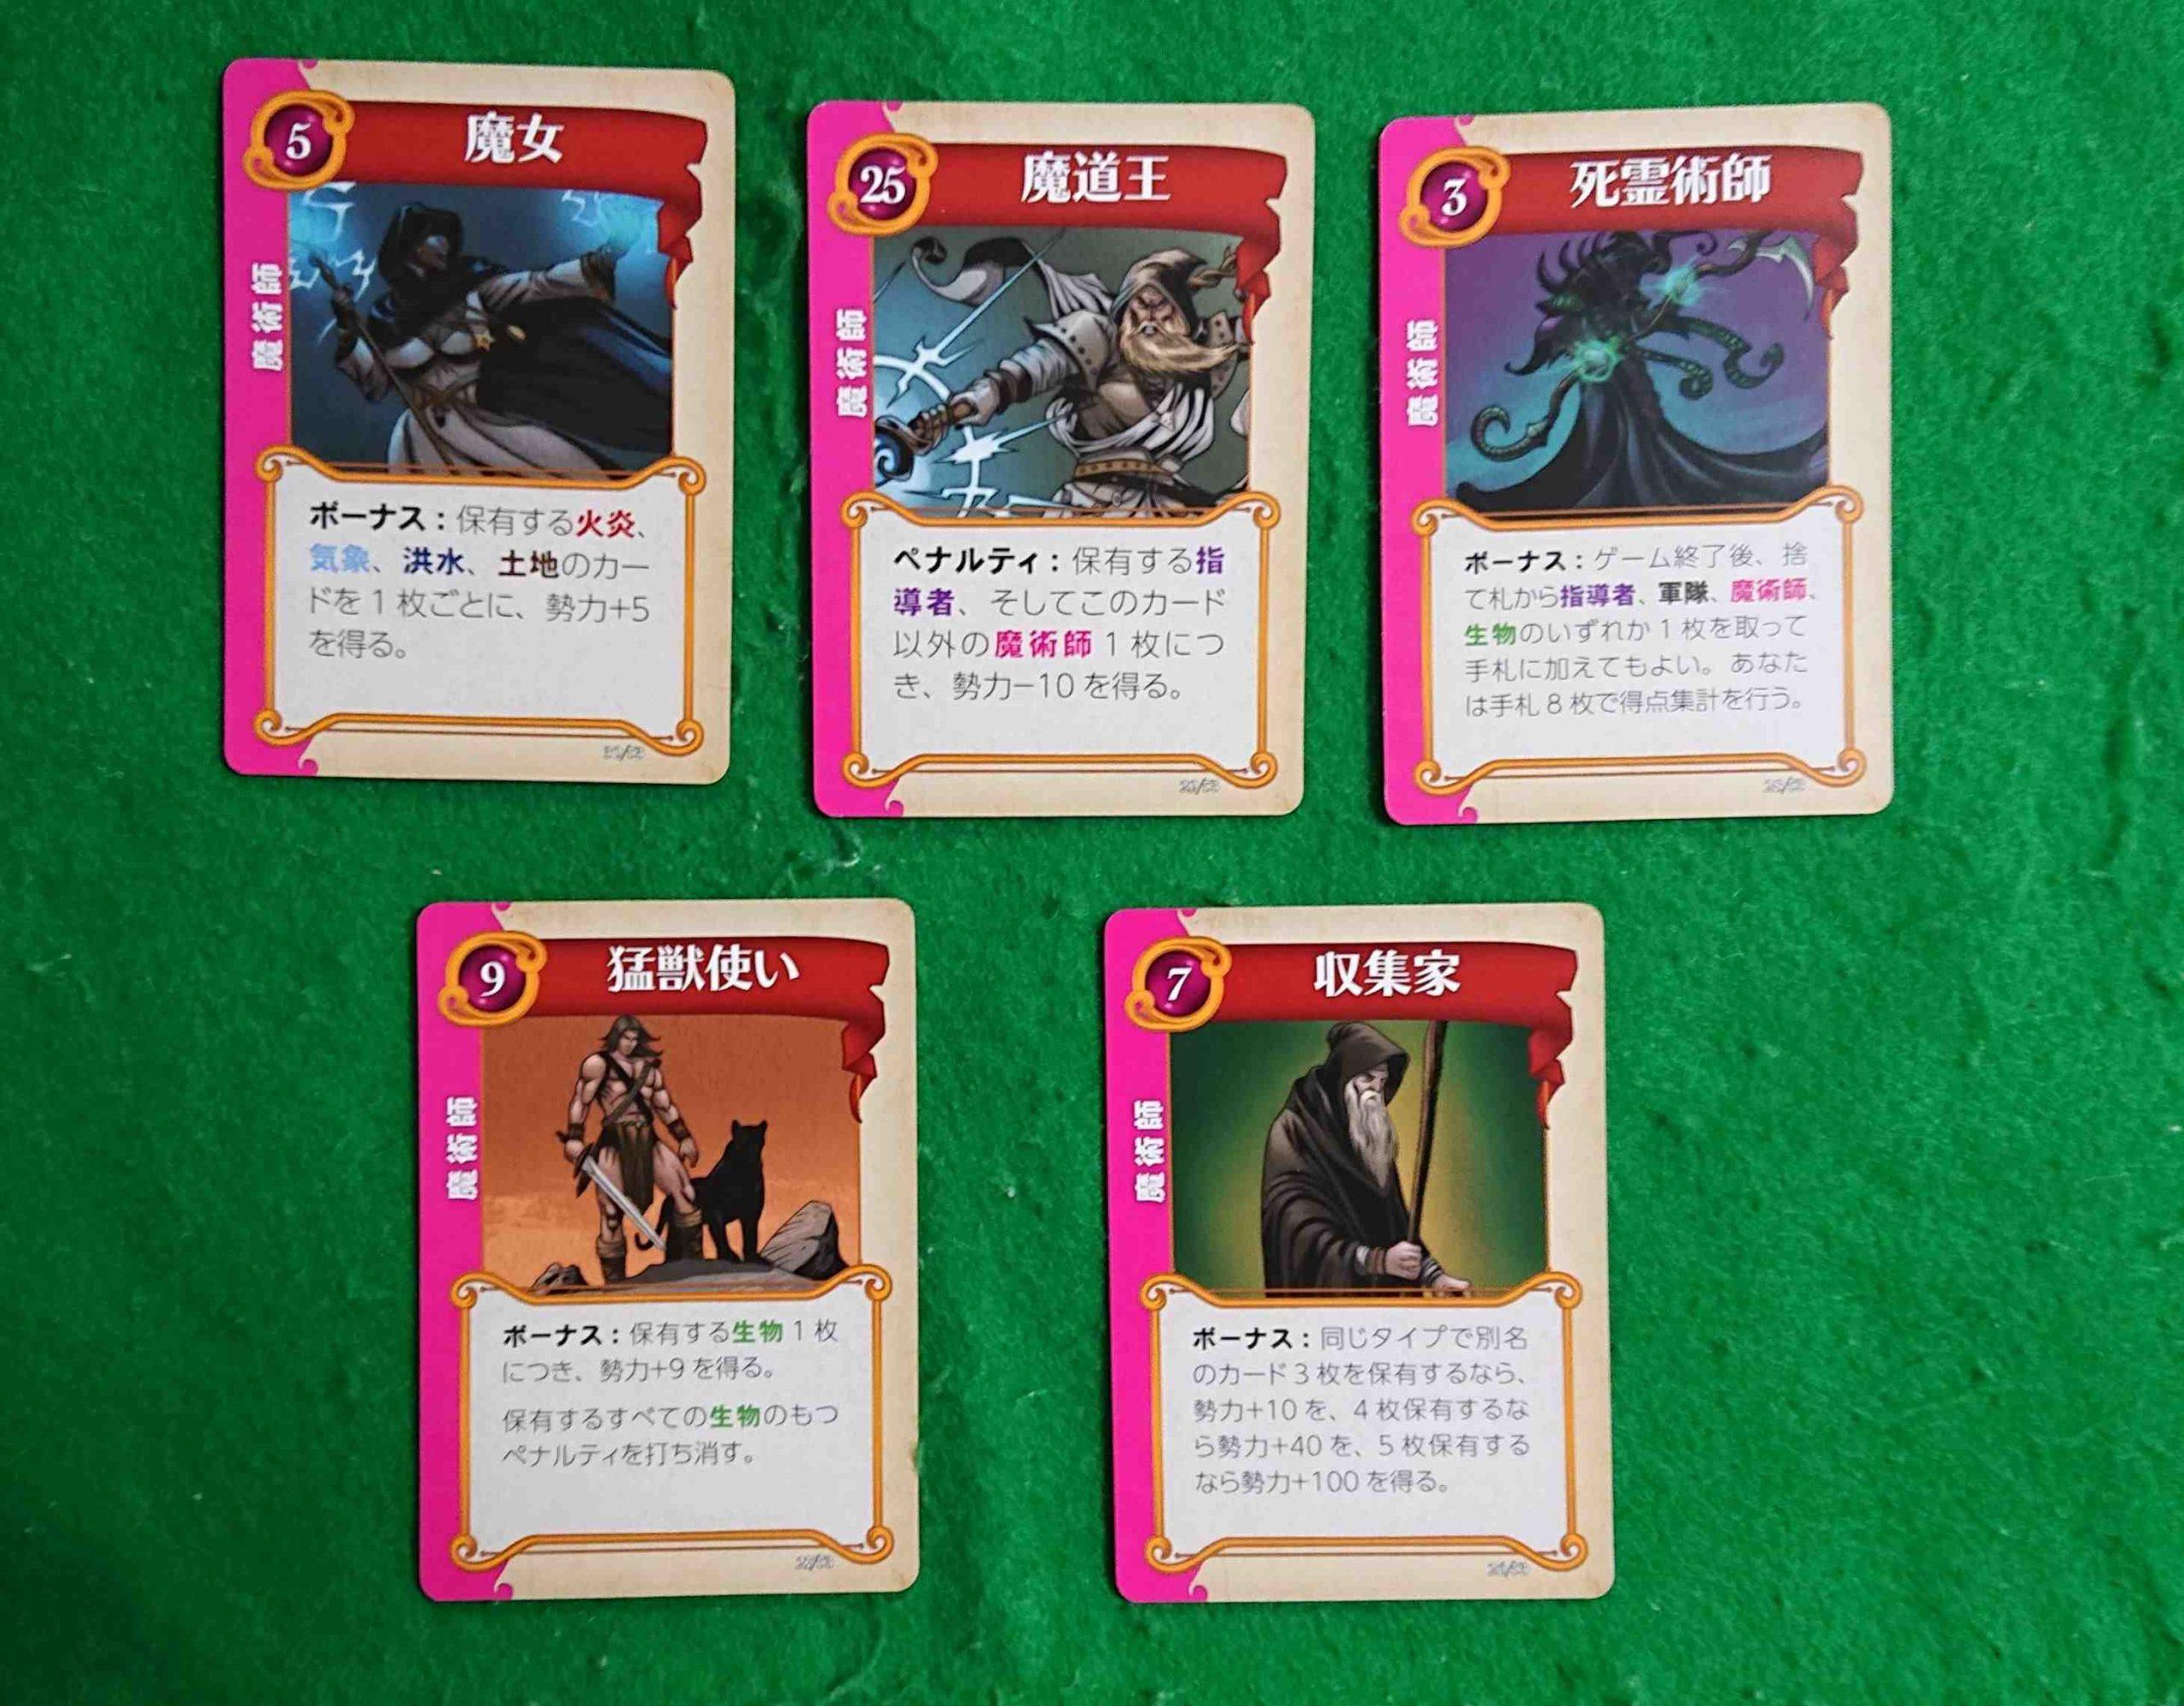 ファンタジーレルムズ ルール&レビュー カードの効果を上手く組み合わせよう! ボードゲーム